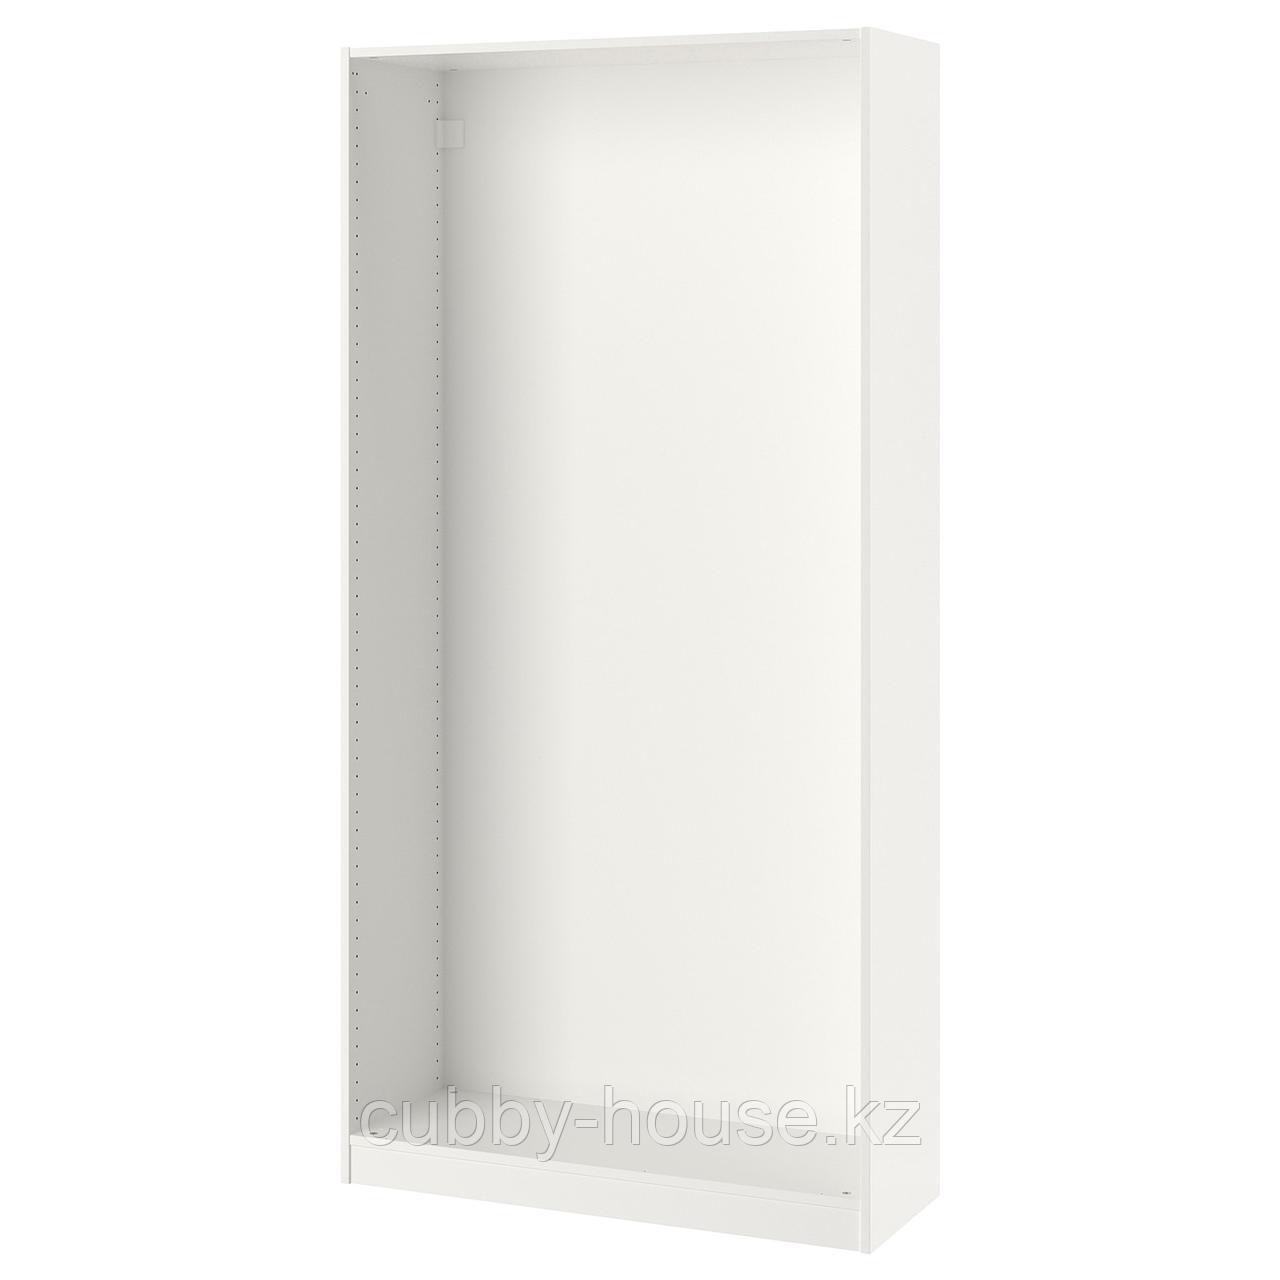 ПАКС Каркас гардероба, белый, 100x35x201 см